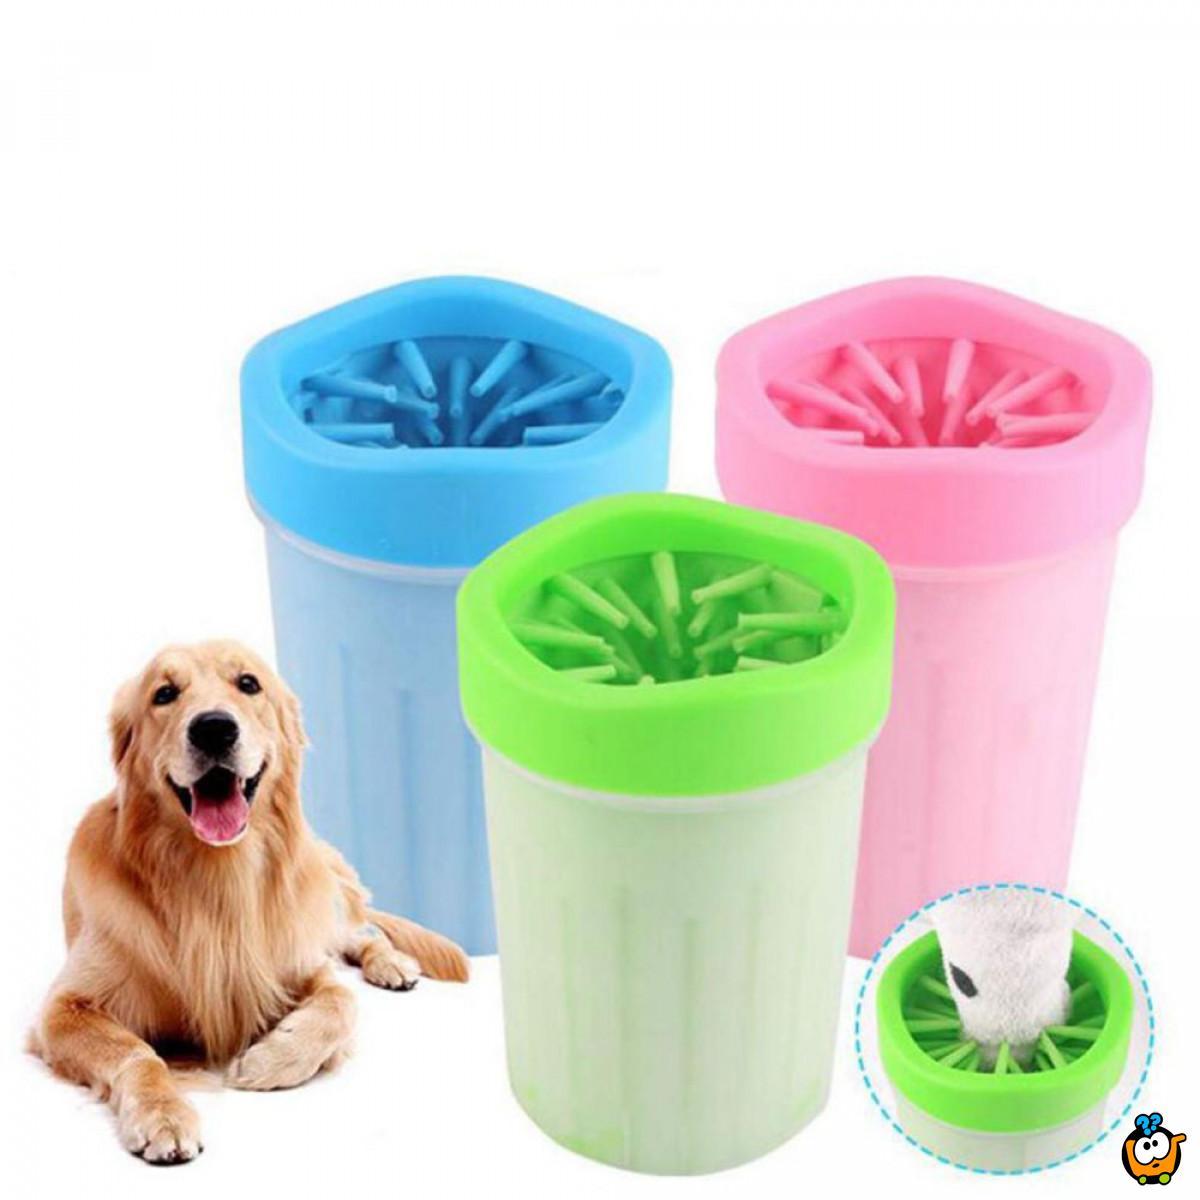 Paw Cleaner - Prenosivi čistač šapa za pse i mačke